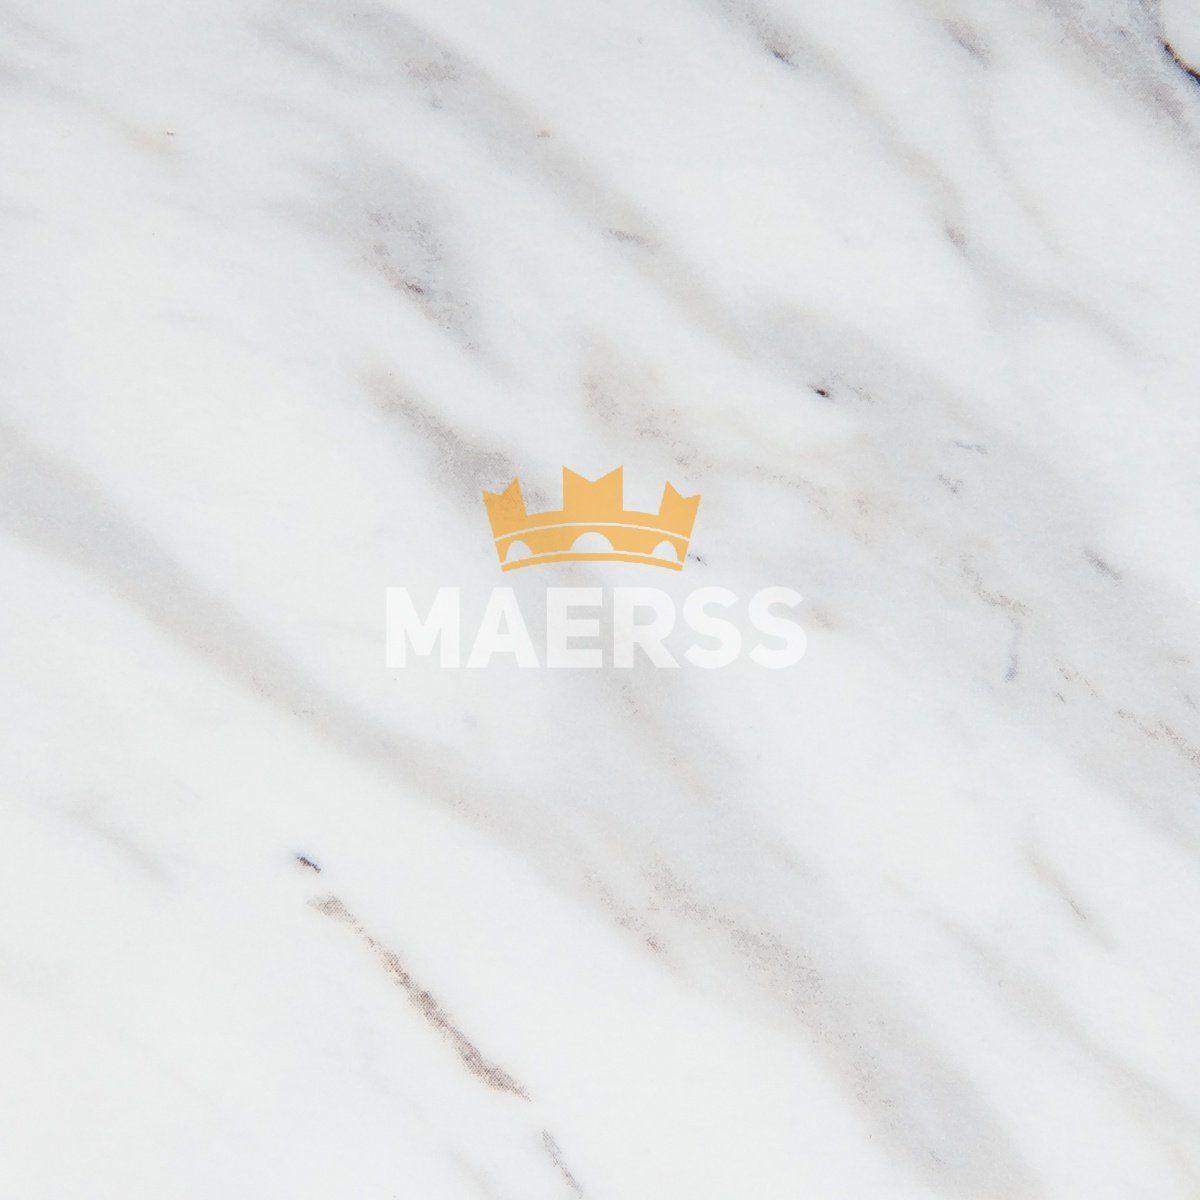 4925-07 Calcutta Marble Стеновая панель Wilsonart 6*600*3660мм, купить на заказ в интернет магазине МАЕРСС